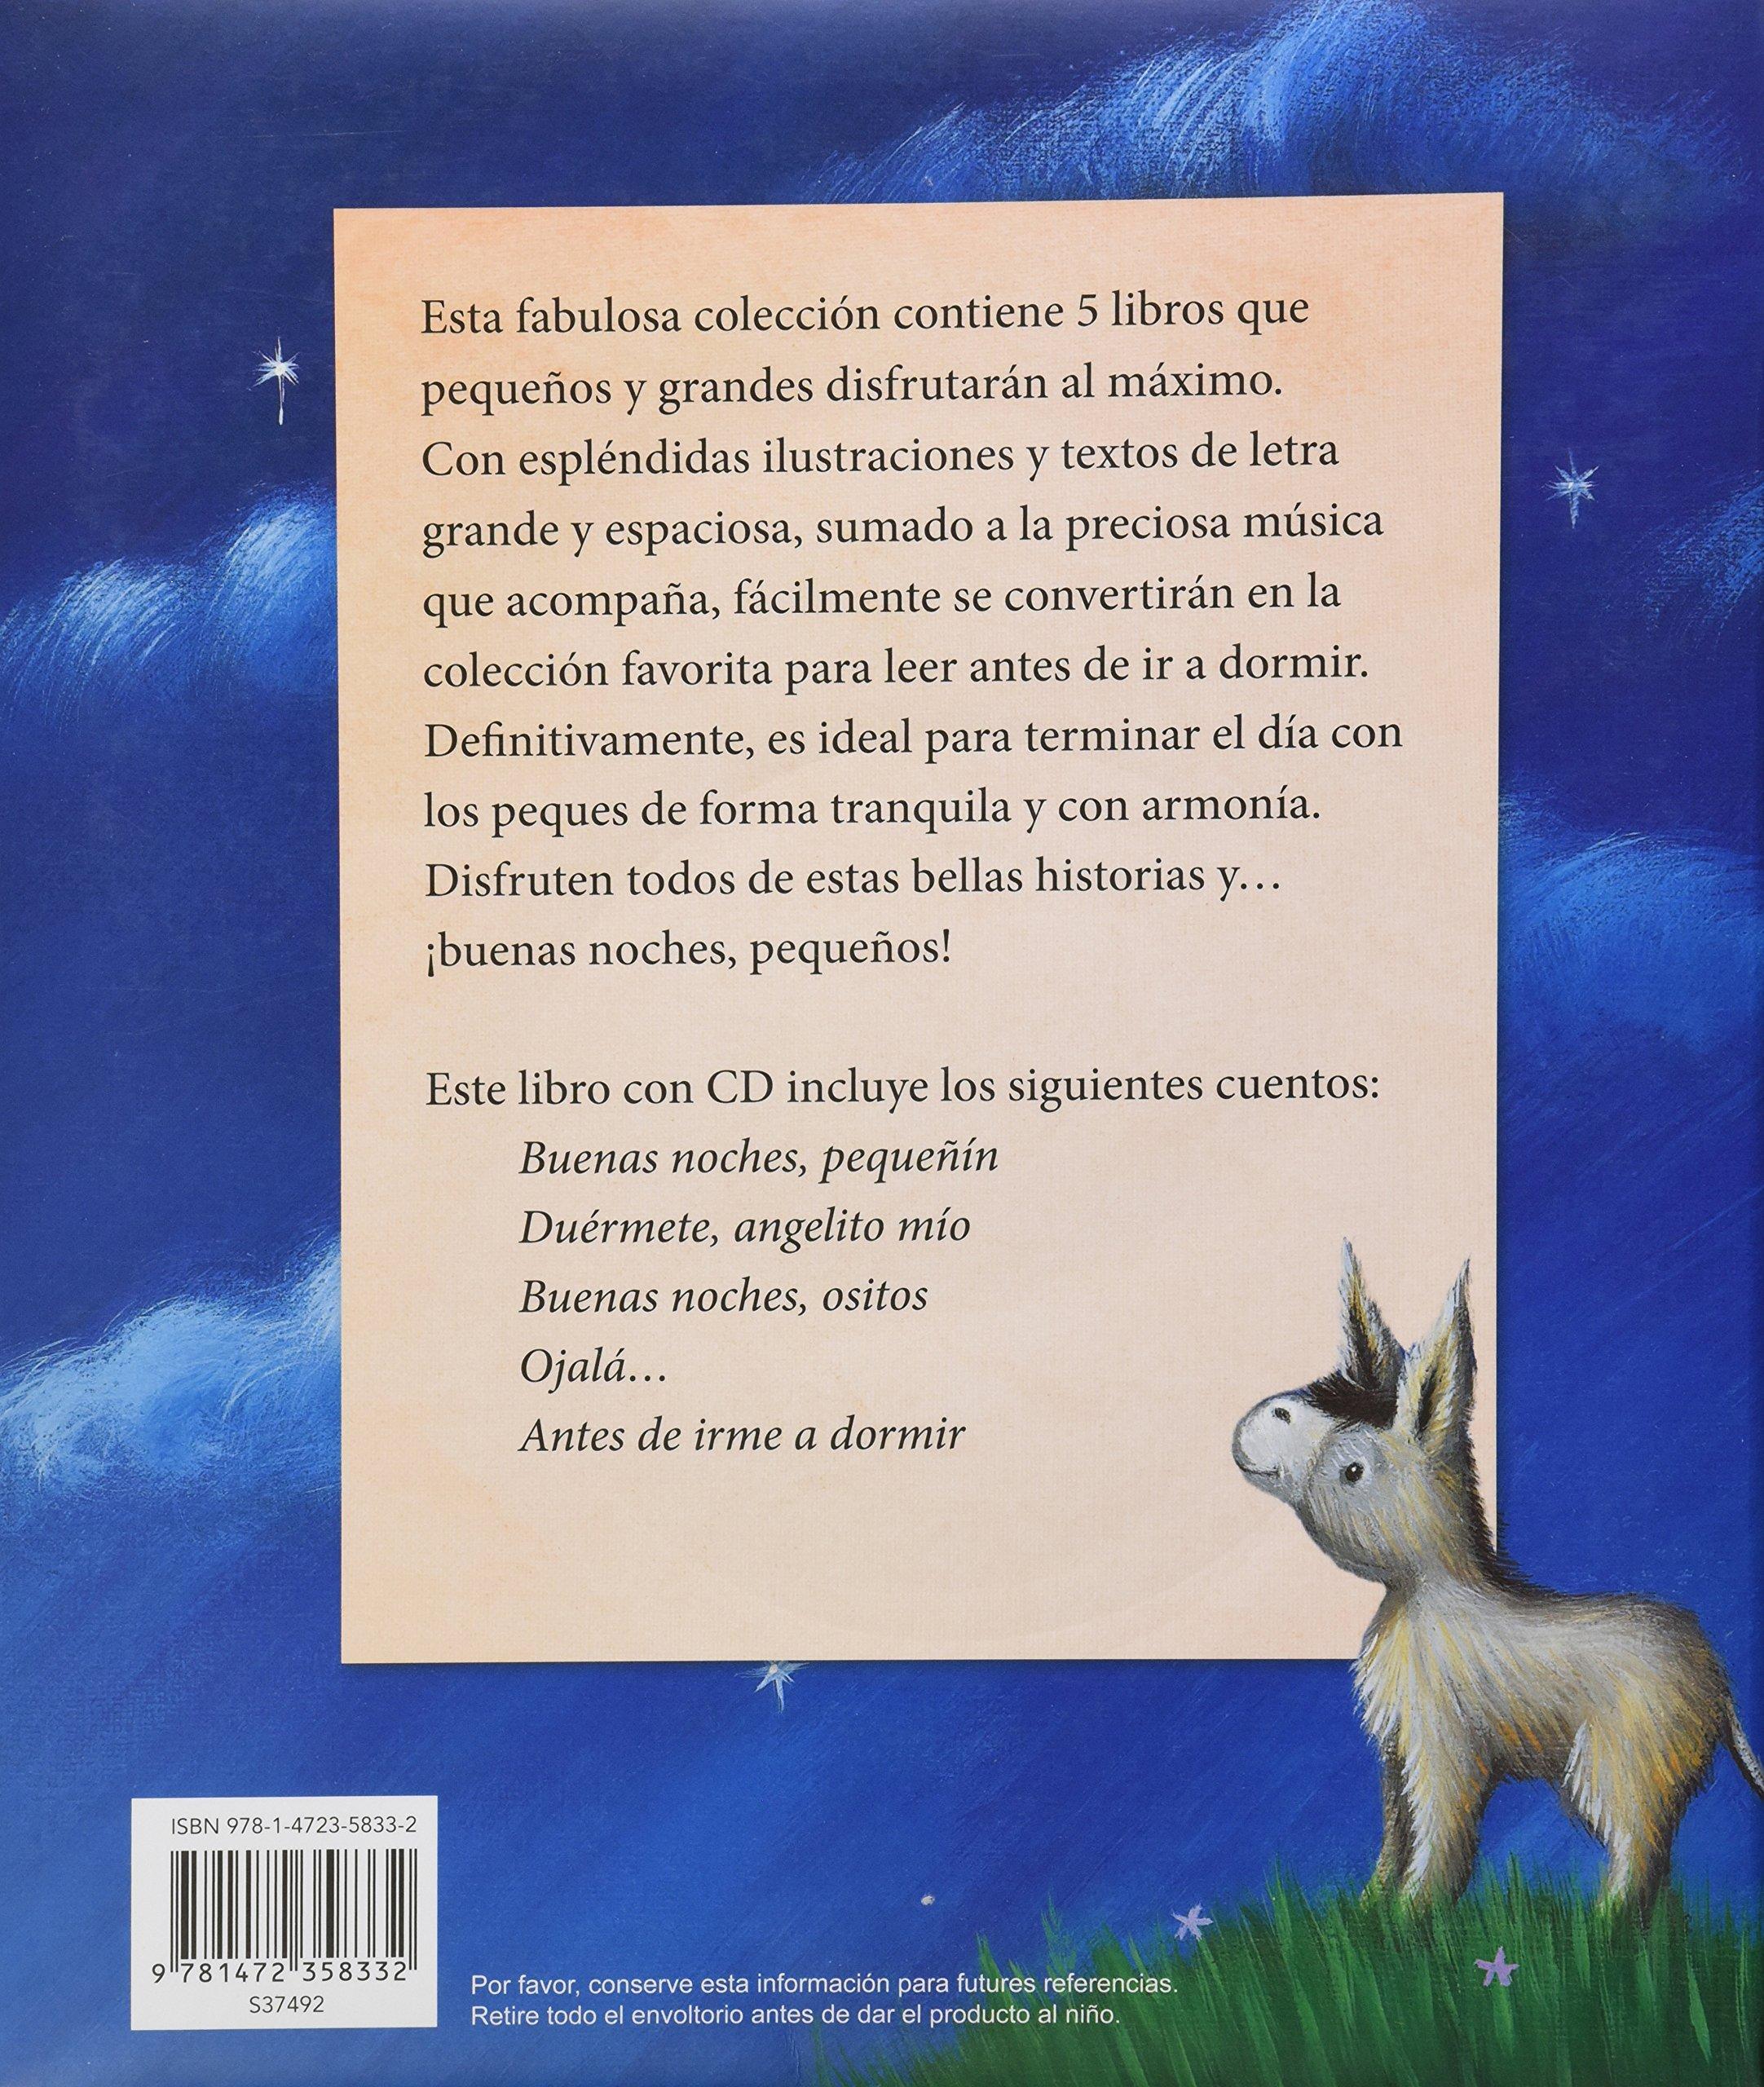 Tus cuentos de buenas noches (Spanish Edition): Parragon: 9781472358332:  Amazon.com: Books